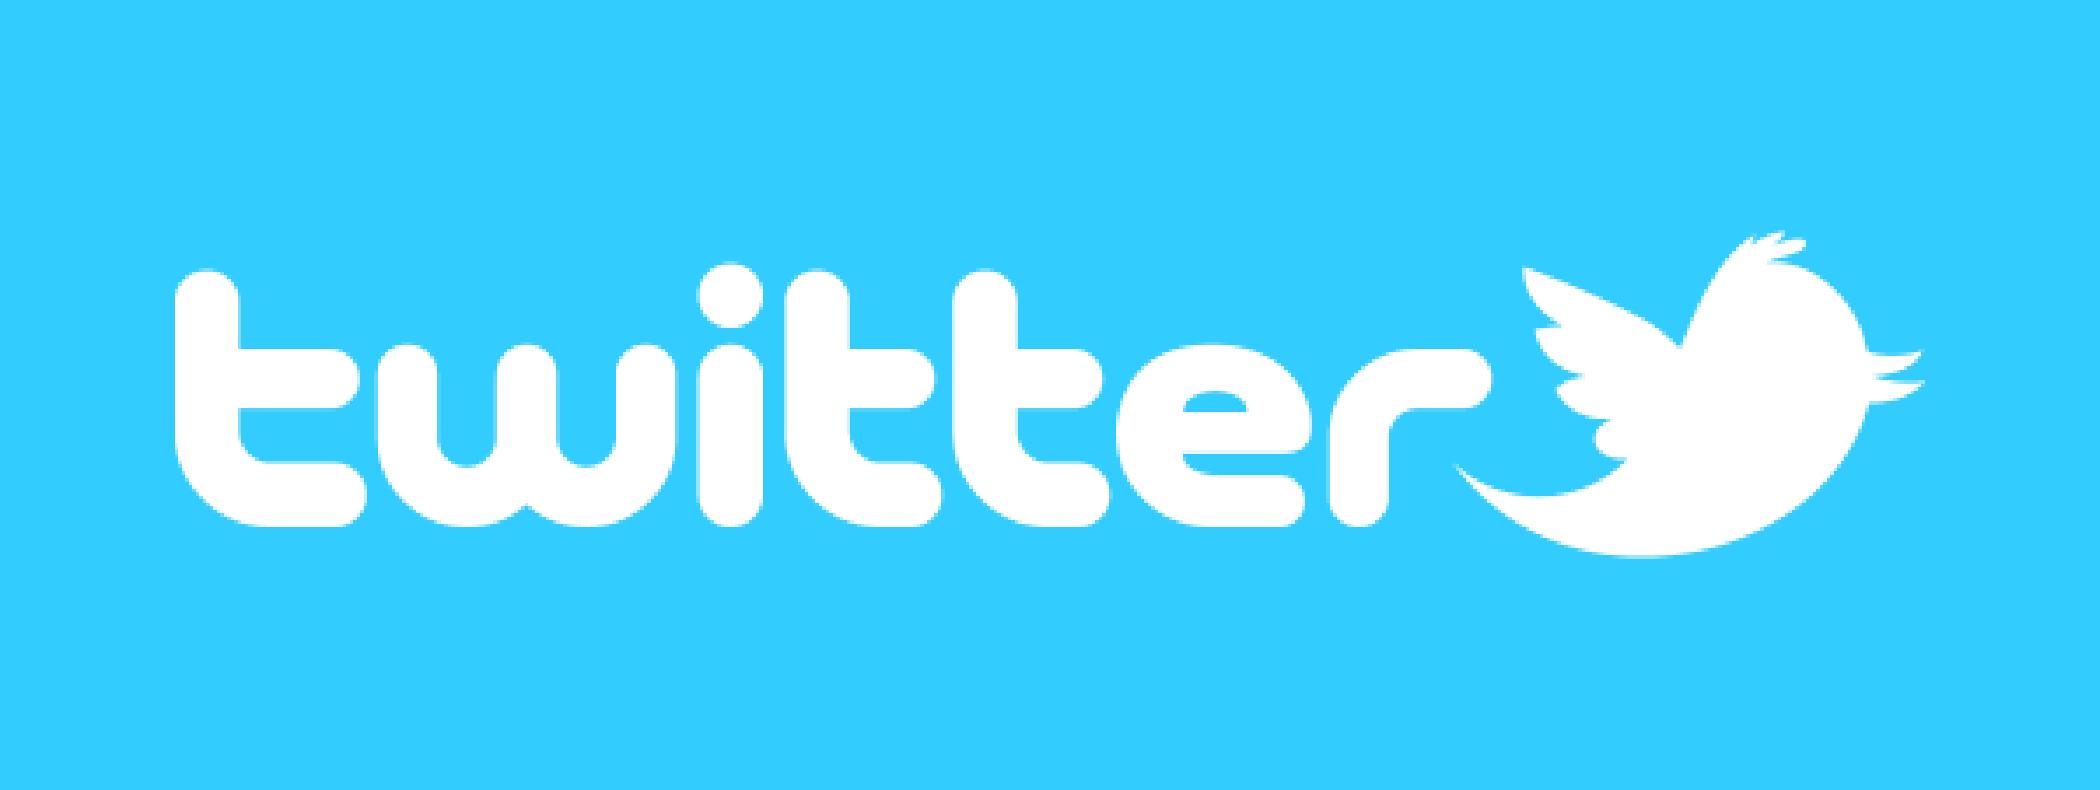 En Twitter se publican 10.000 comentarios racistas o étnicos a diario